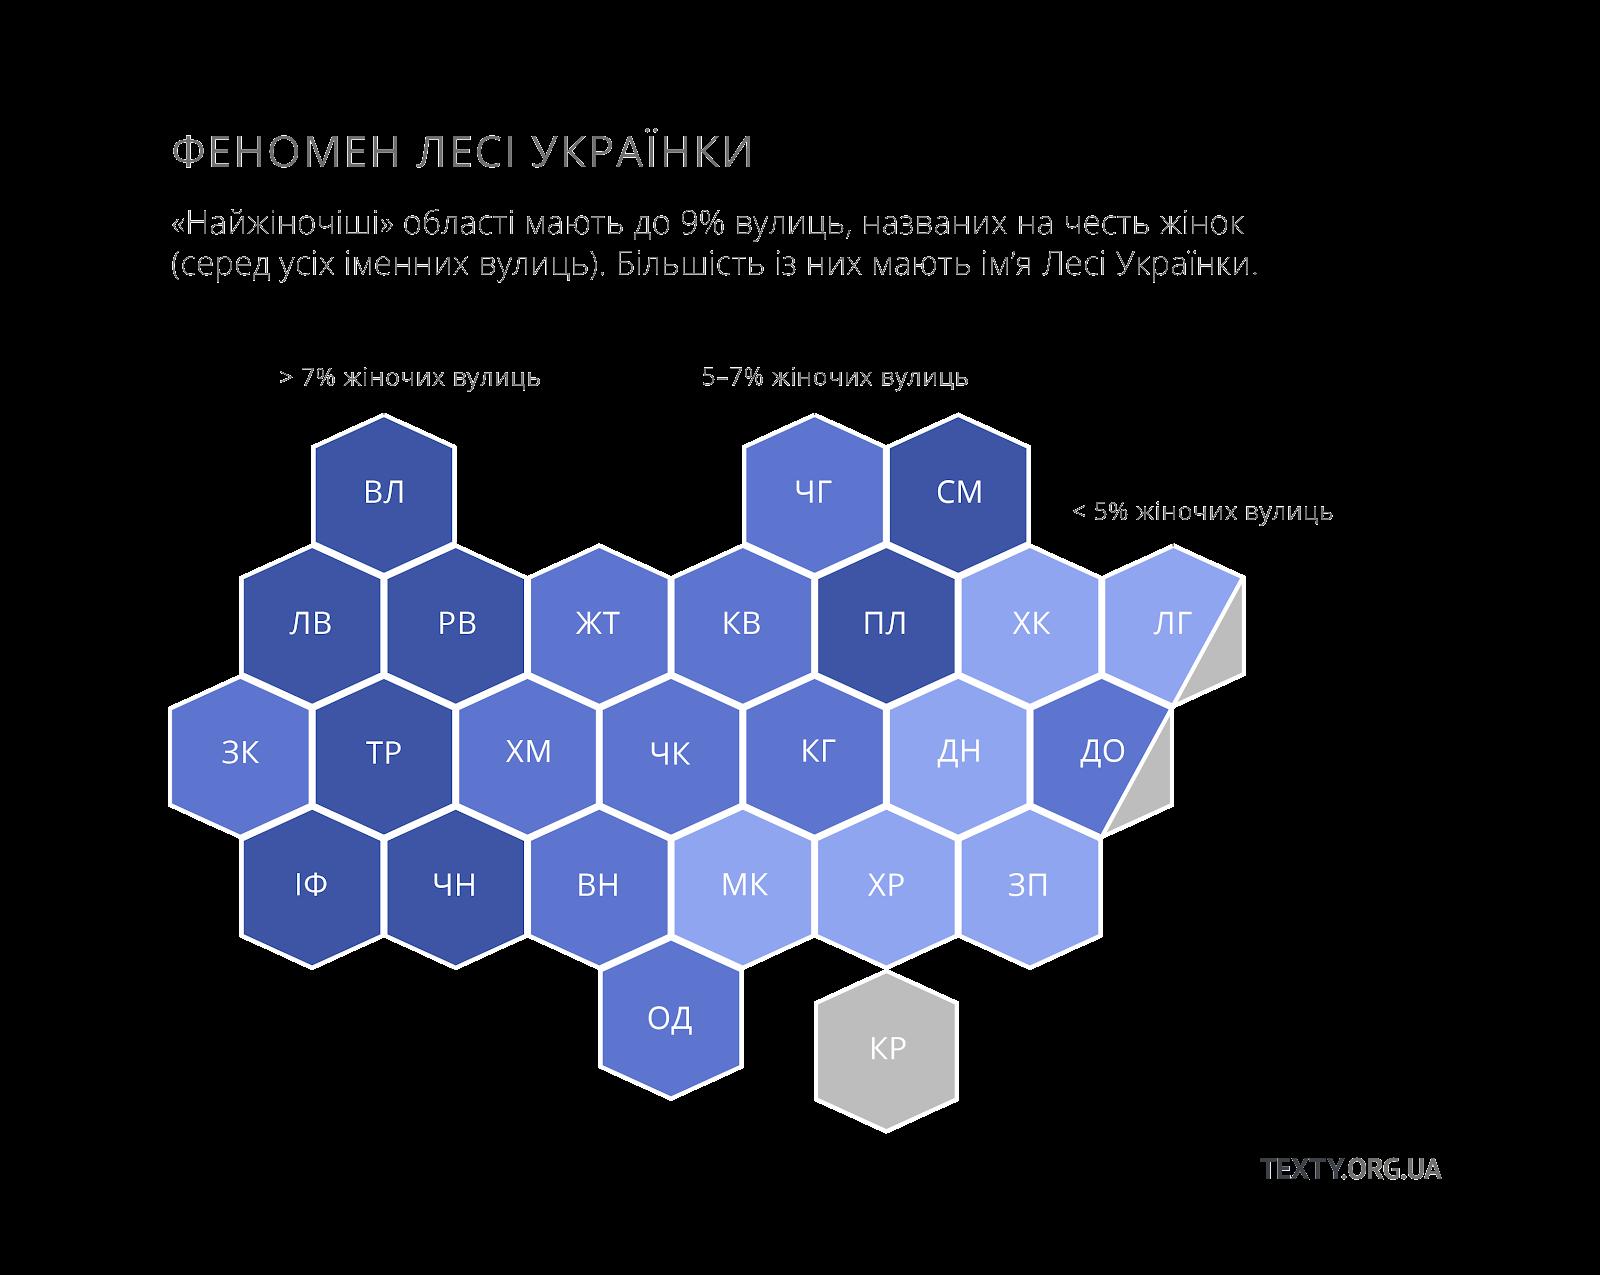 Жіночі вулиці на карті України